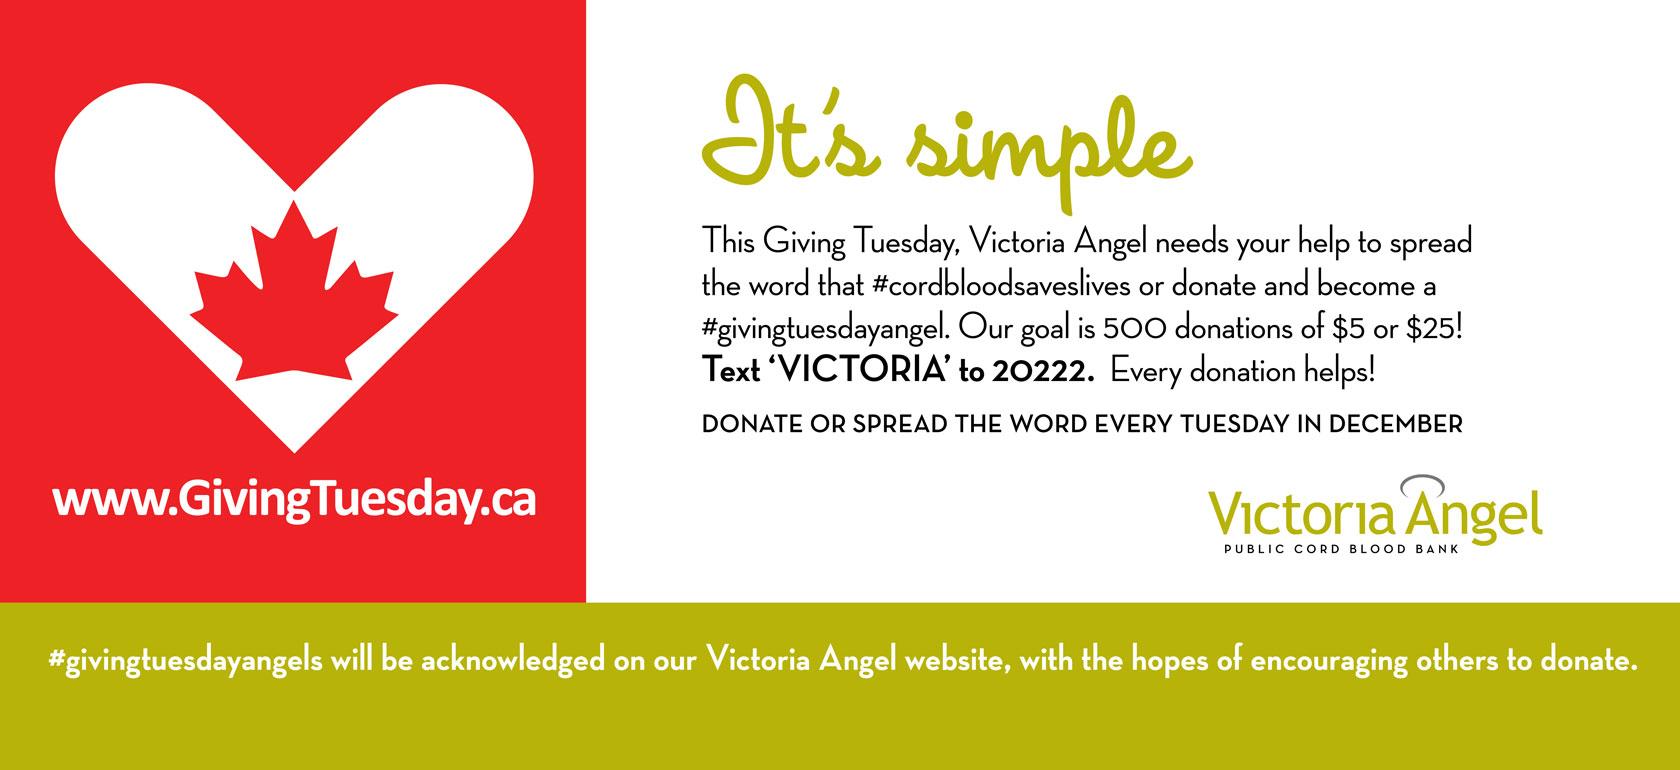 VA-Giving-Tues.web-1680x770.final